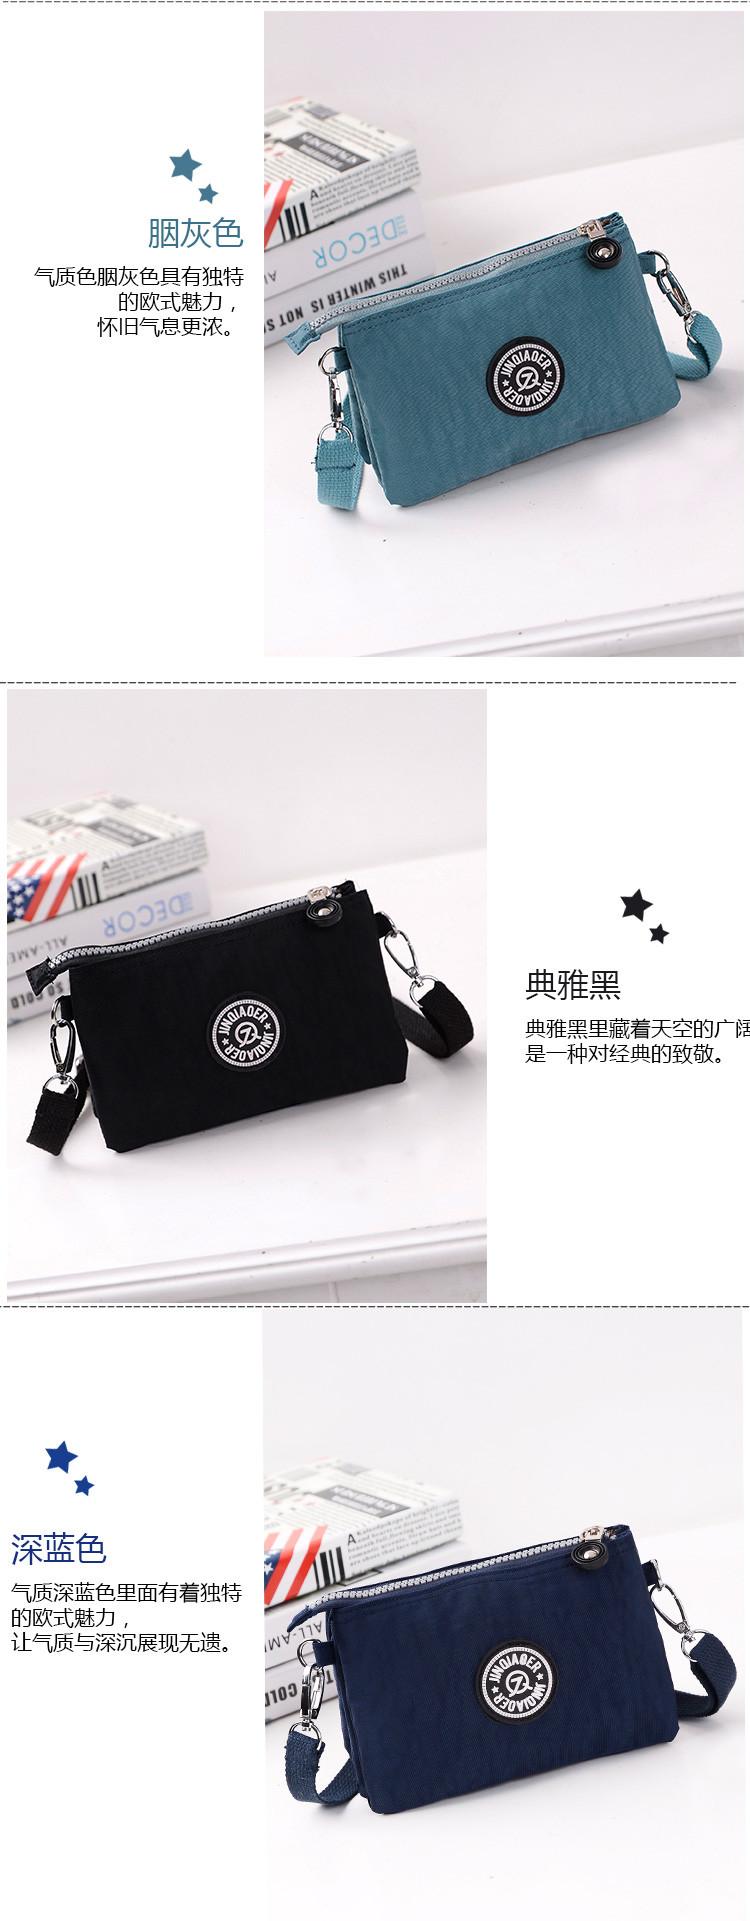 29937728681 Jinqiaoer 2017 originele vrouwen nylon waterdichte schoudertas  multifunctionele rits handtas clutch bag portemonnee portemonnees 513 .